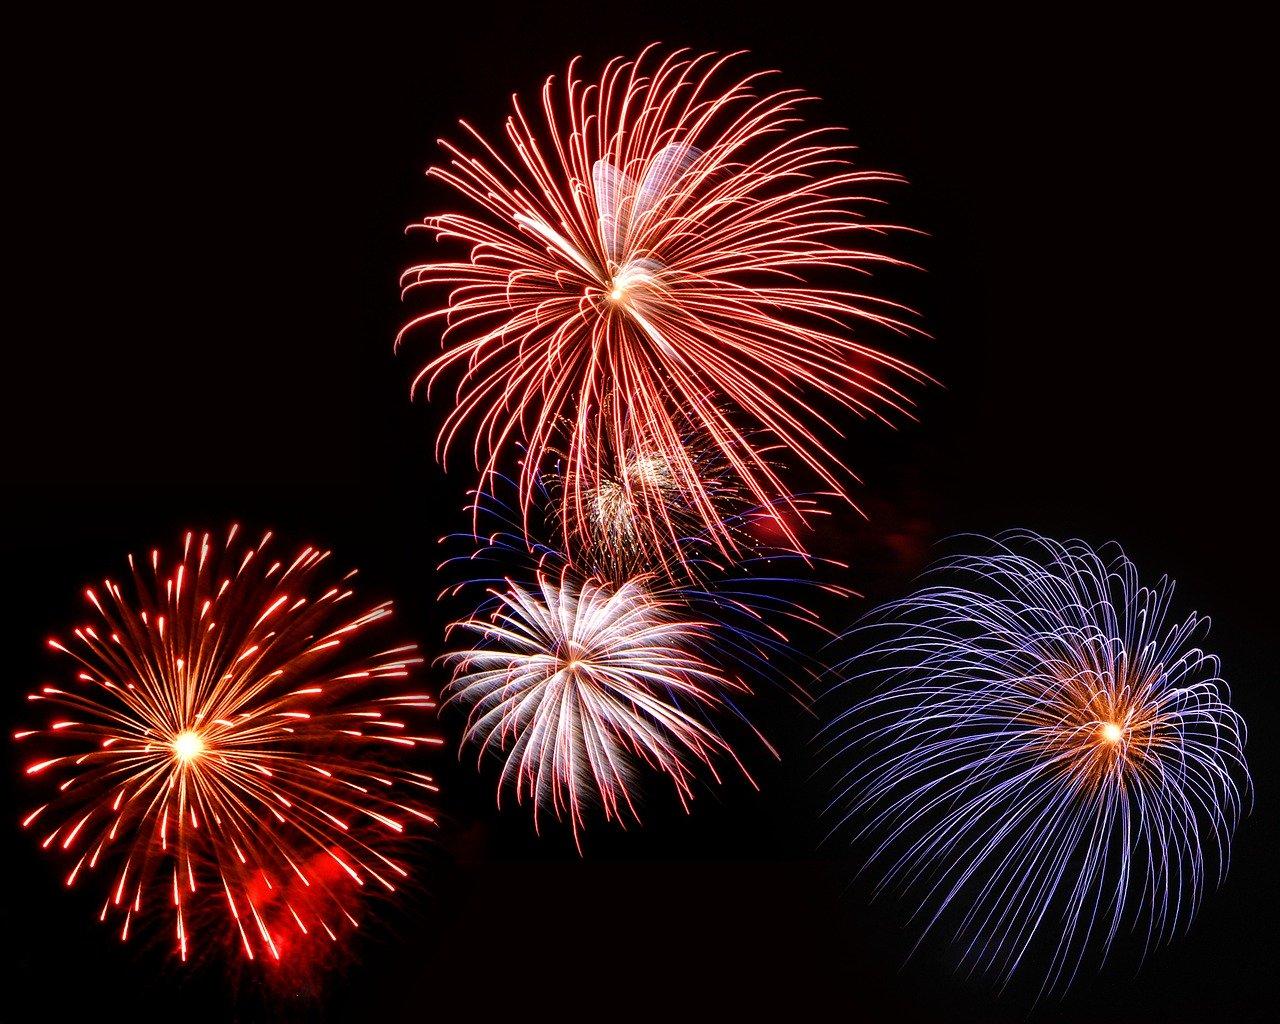 Les festivités du 14-Juillet sont annulées à Belfort.